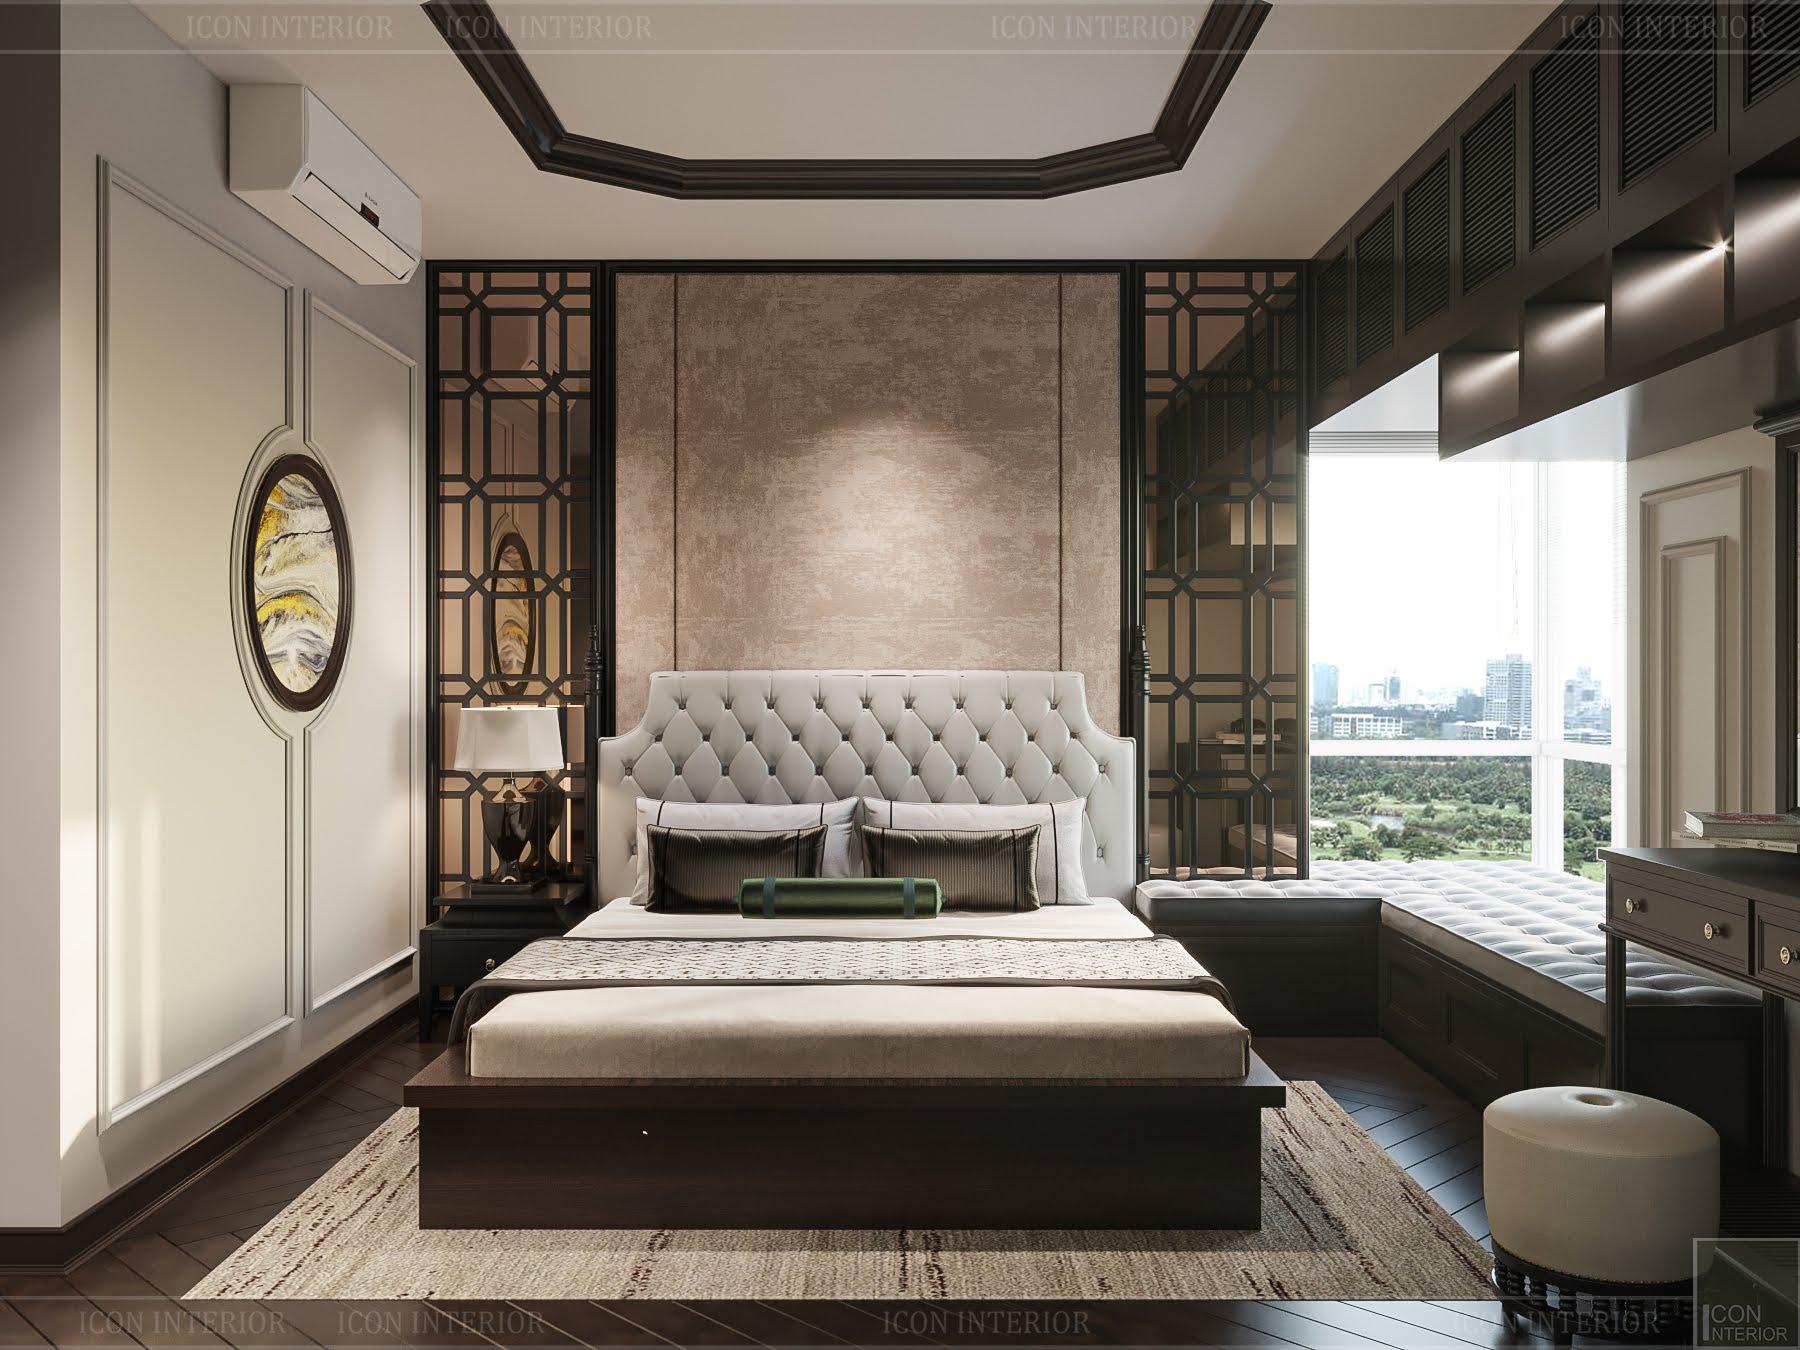 thiết kế căn hộ đập thông - phòng ngủ master 1